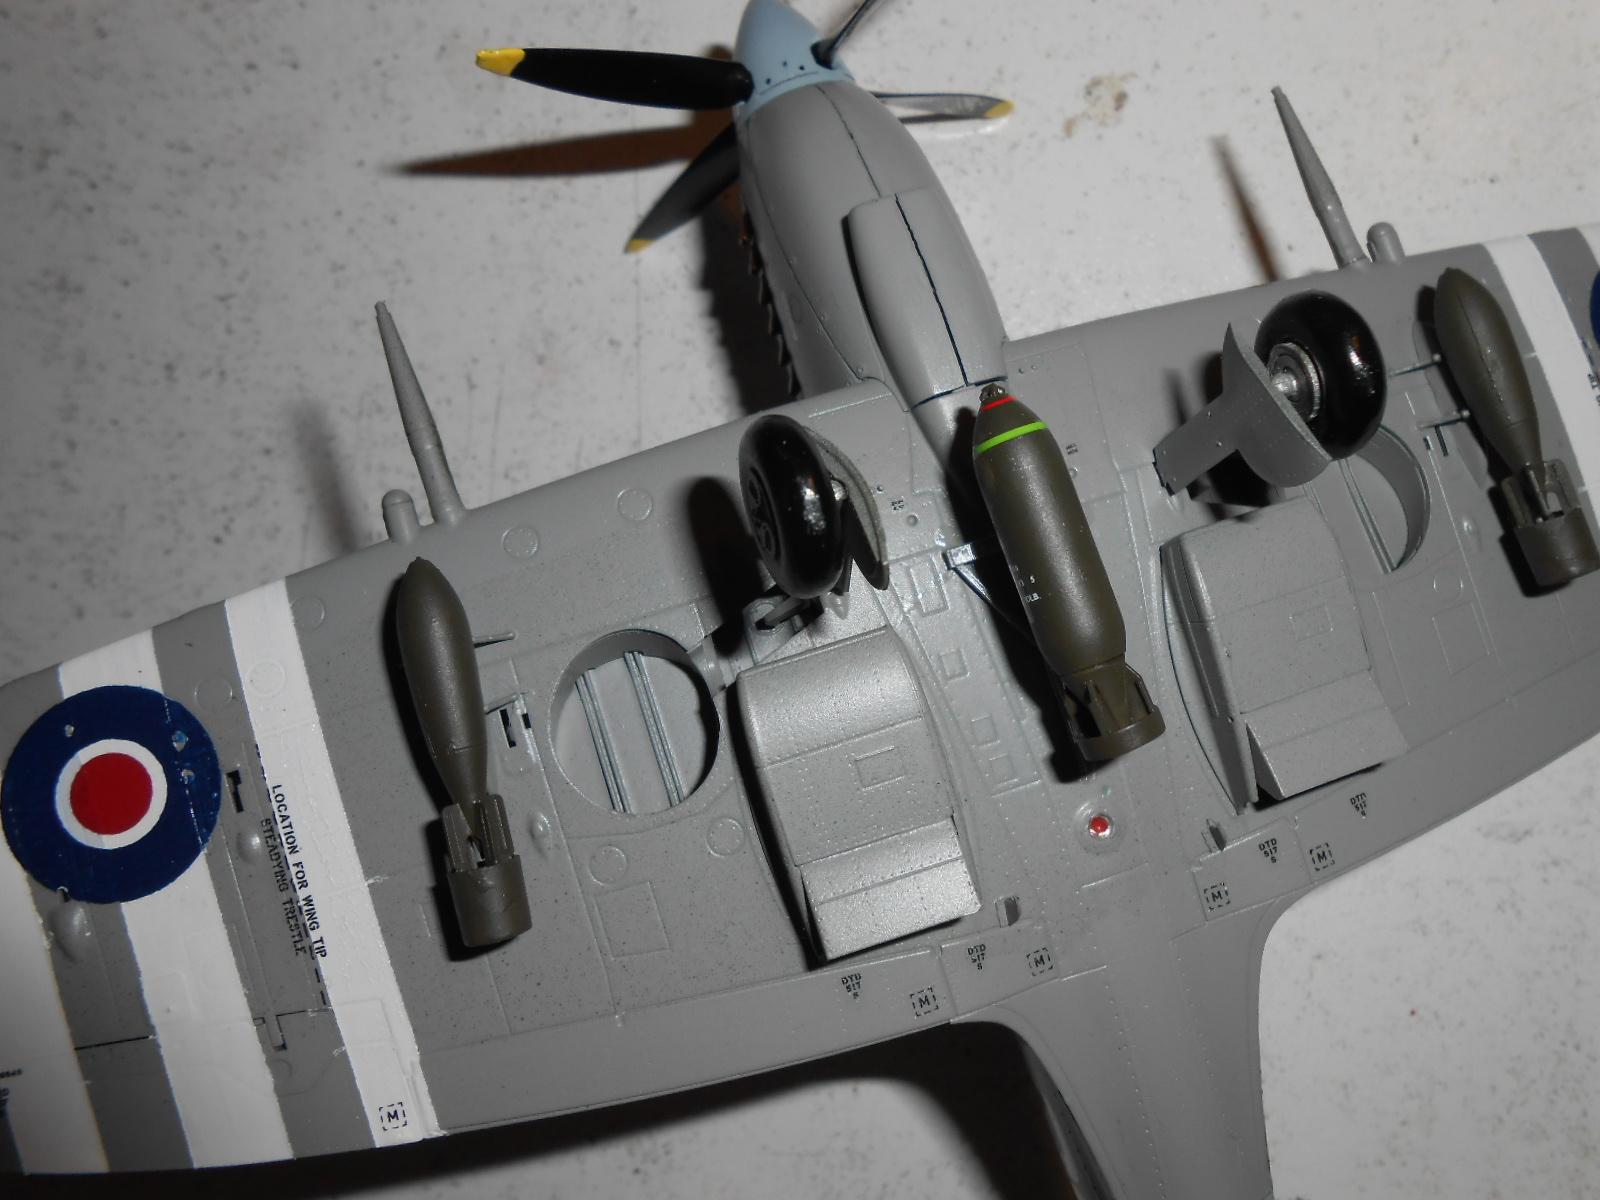 Spitfire juin 44 607561spitfire001